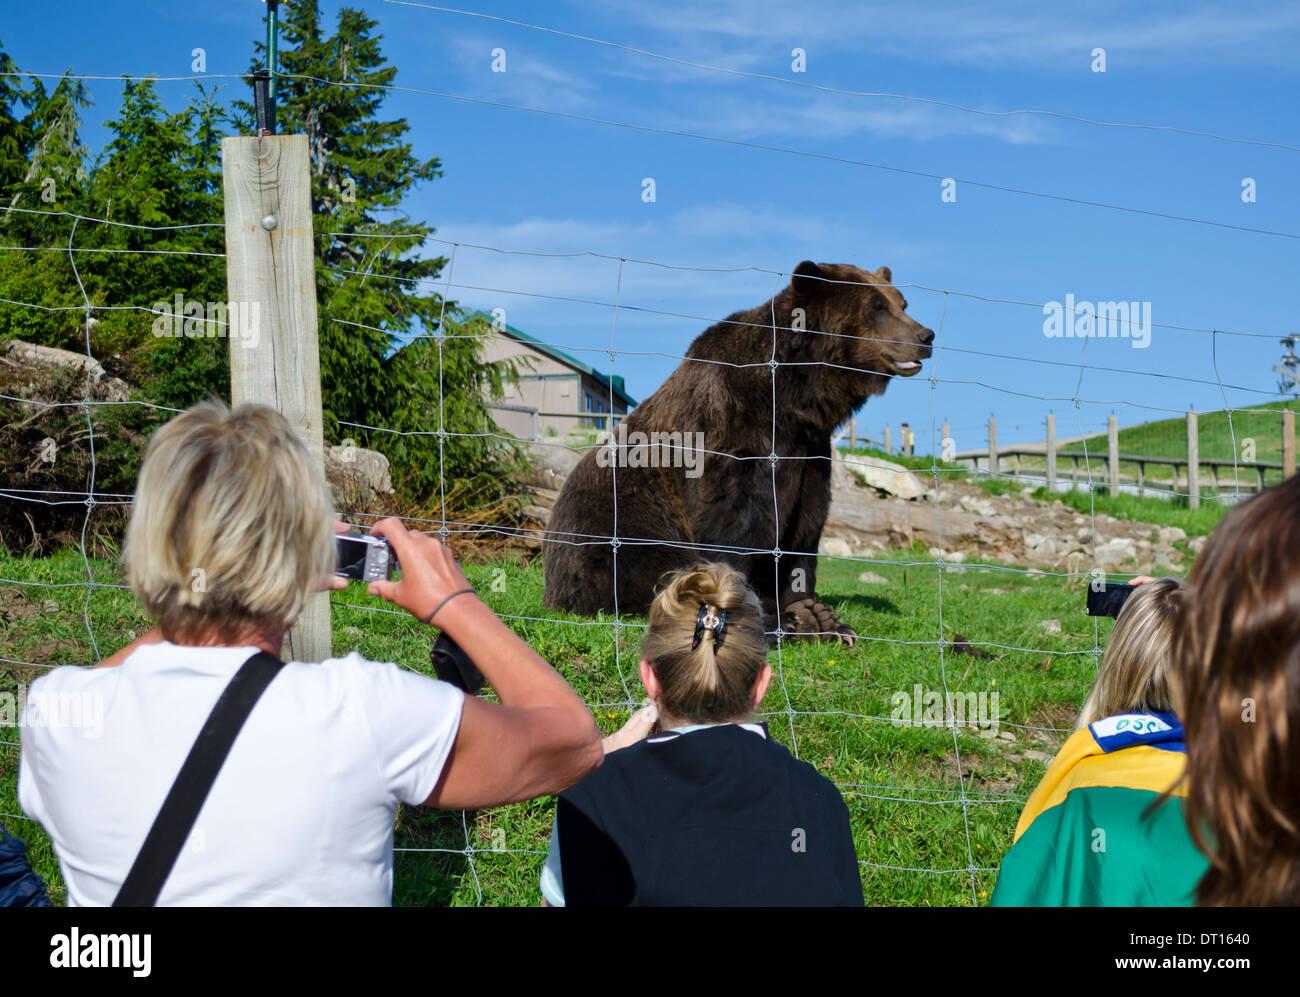 Les touristes de prendre des photos d'un grizzly vivant dans un endroit clos Wildlife Refuge au sommet de Grouse Mountain à Vancouver, BC. Photo Stock